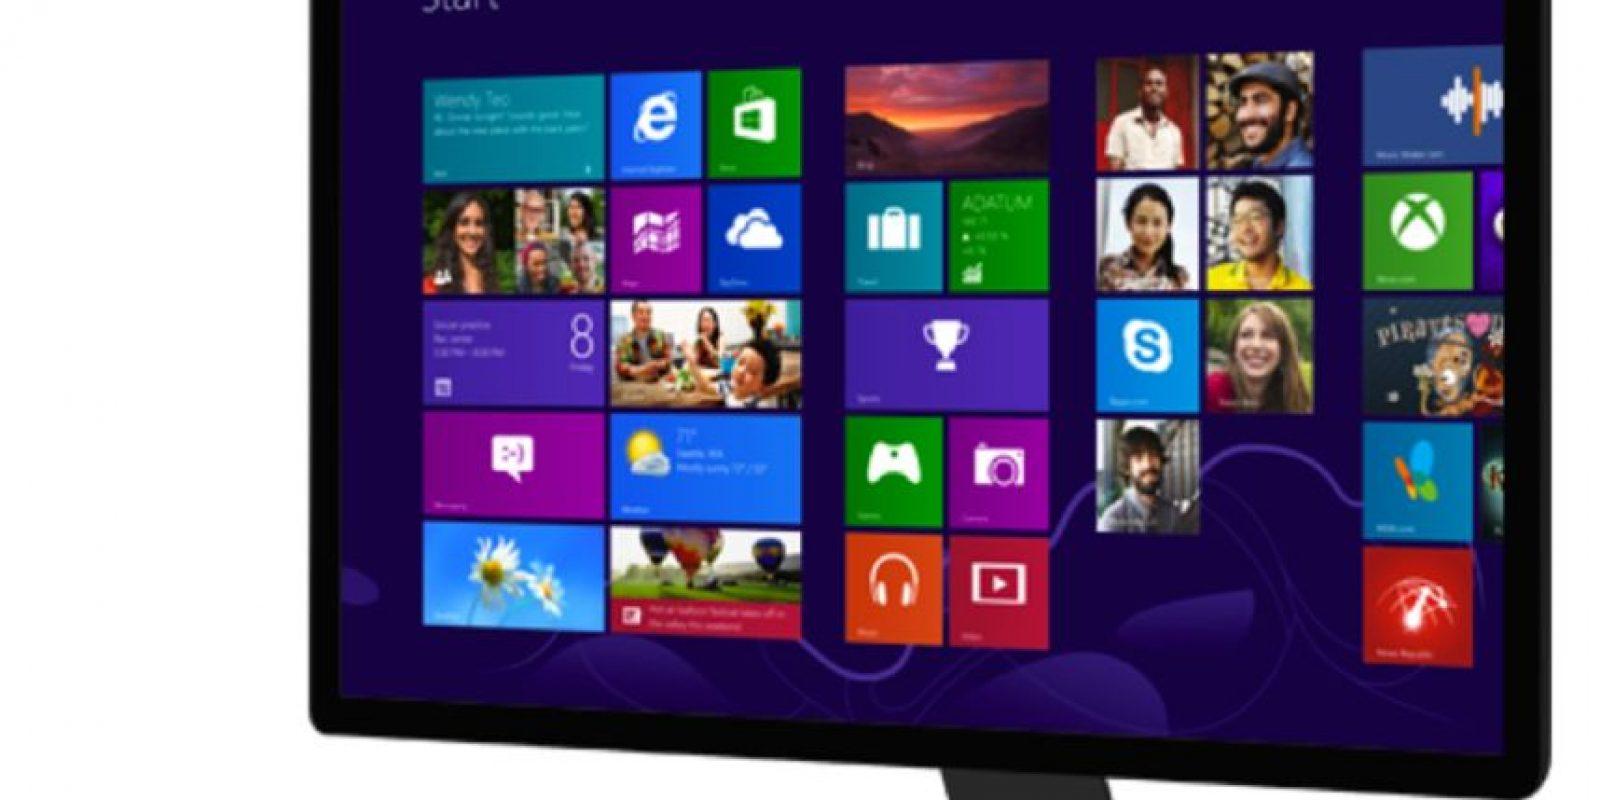 Windows 8 y 10 es la interfaz completamente renovada de sus sistema operativo Foto:Microsoft